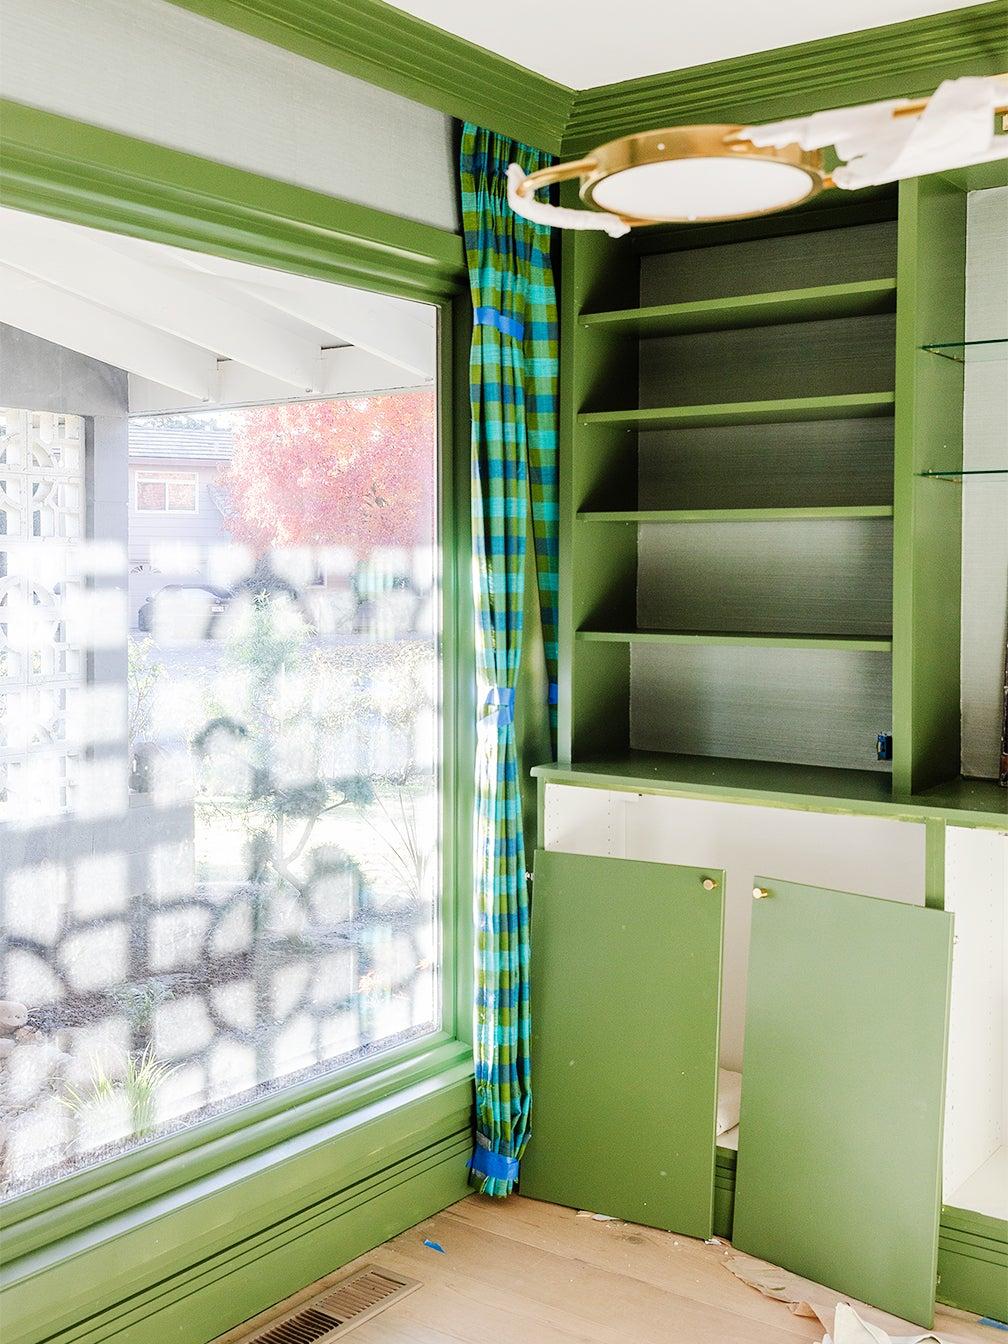 cabinet doors off hinges